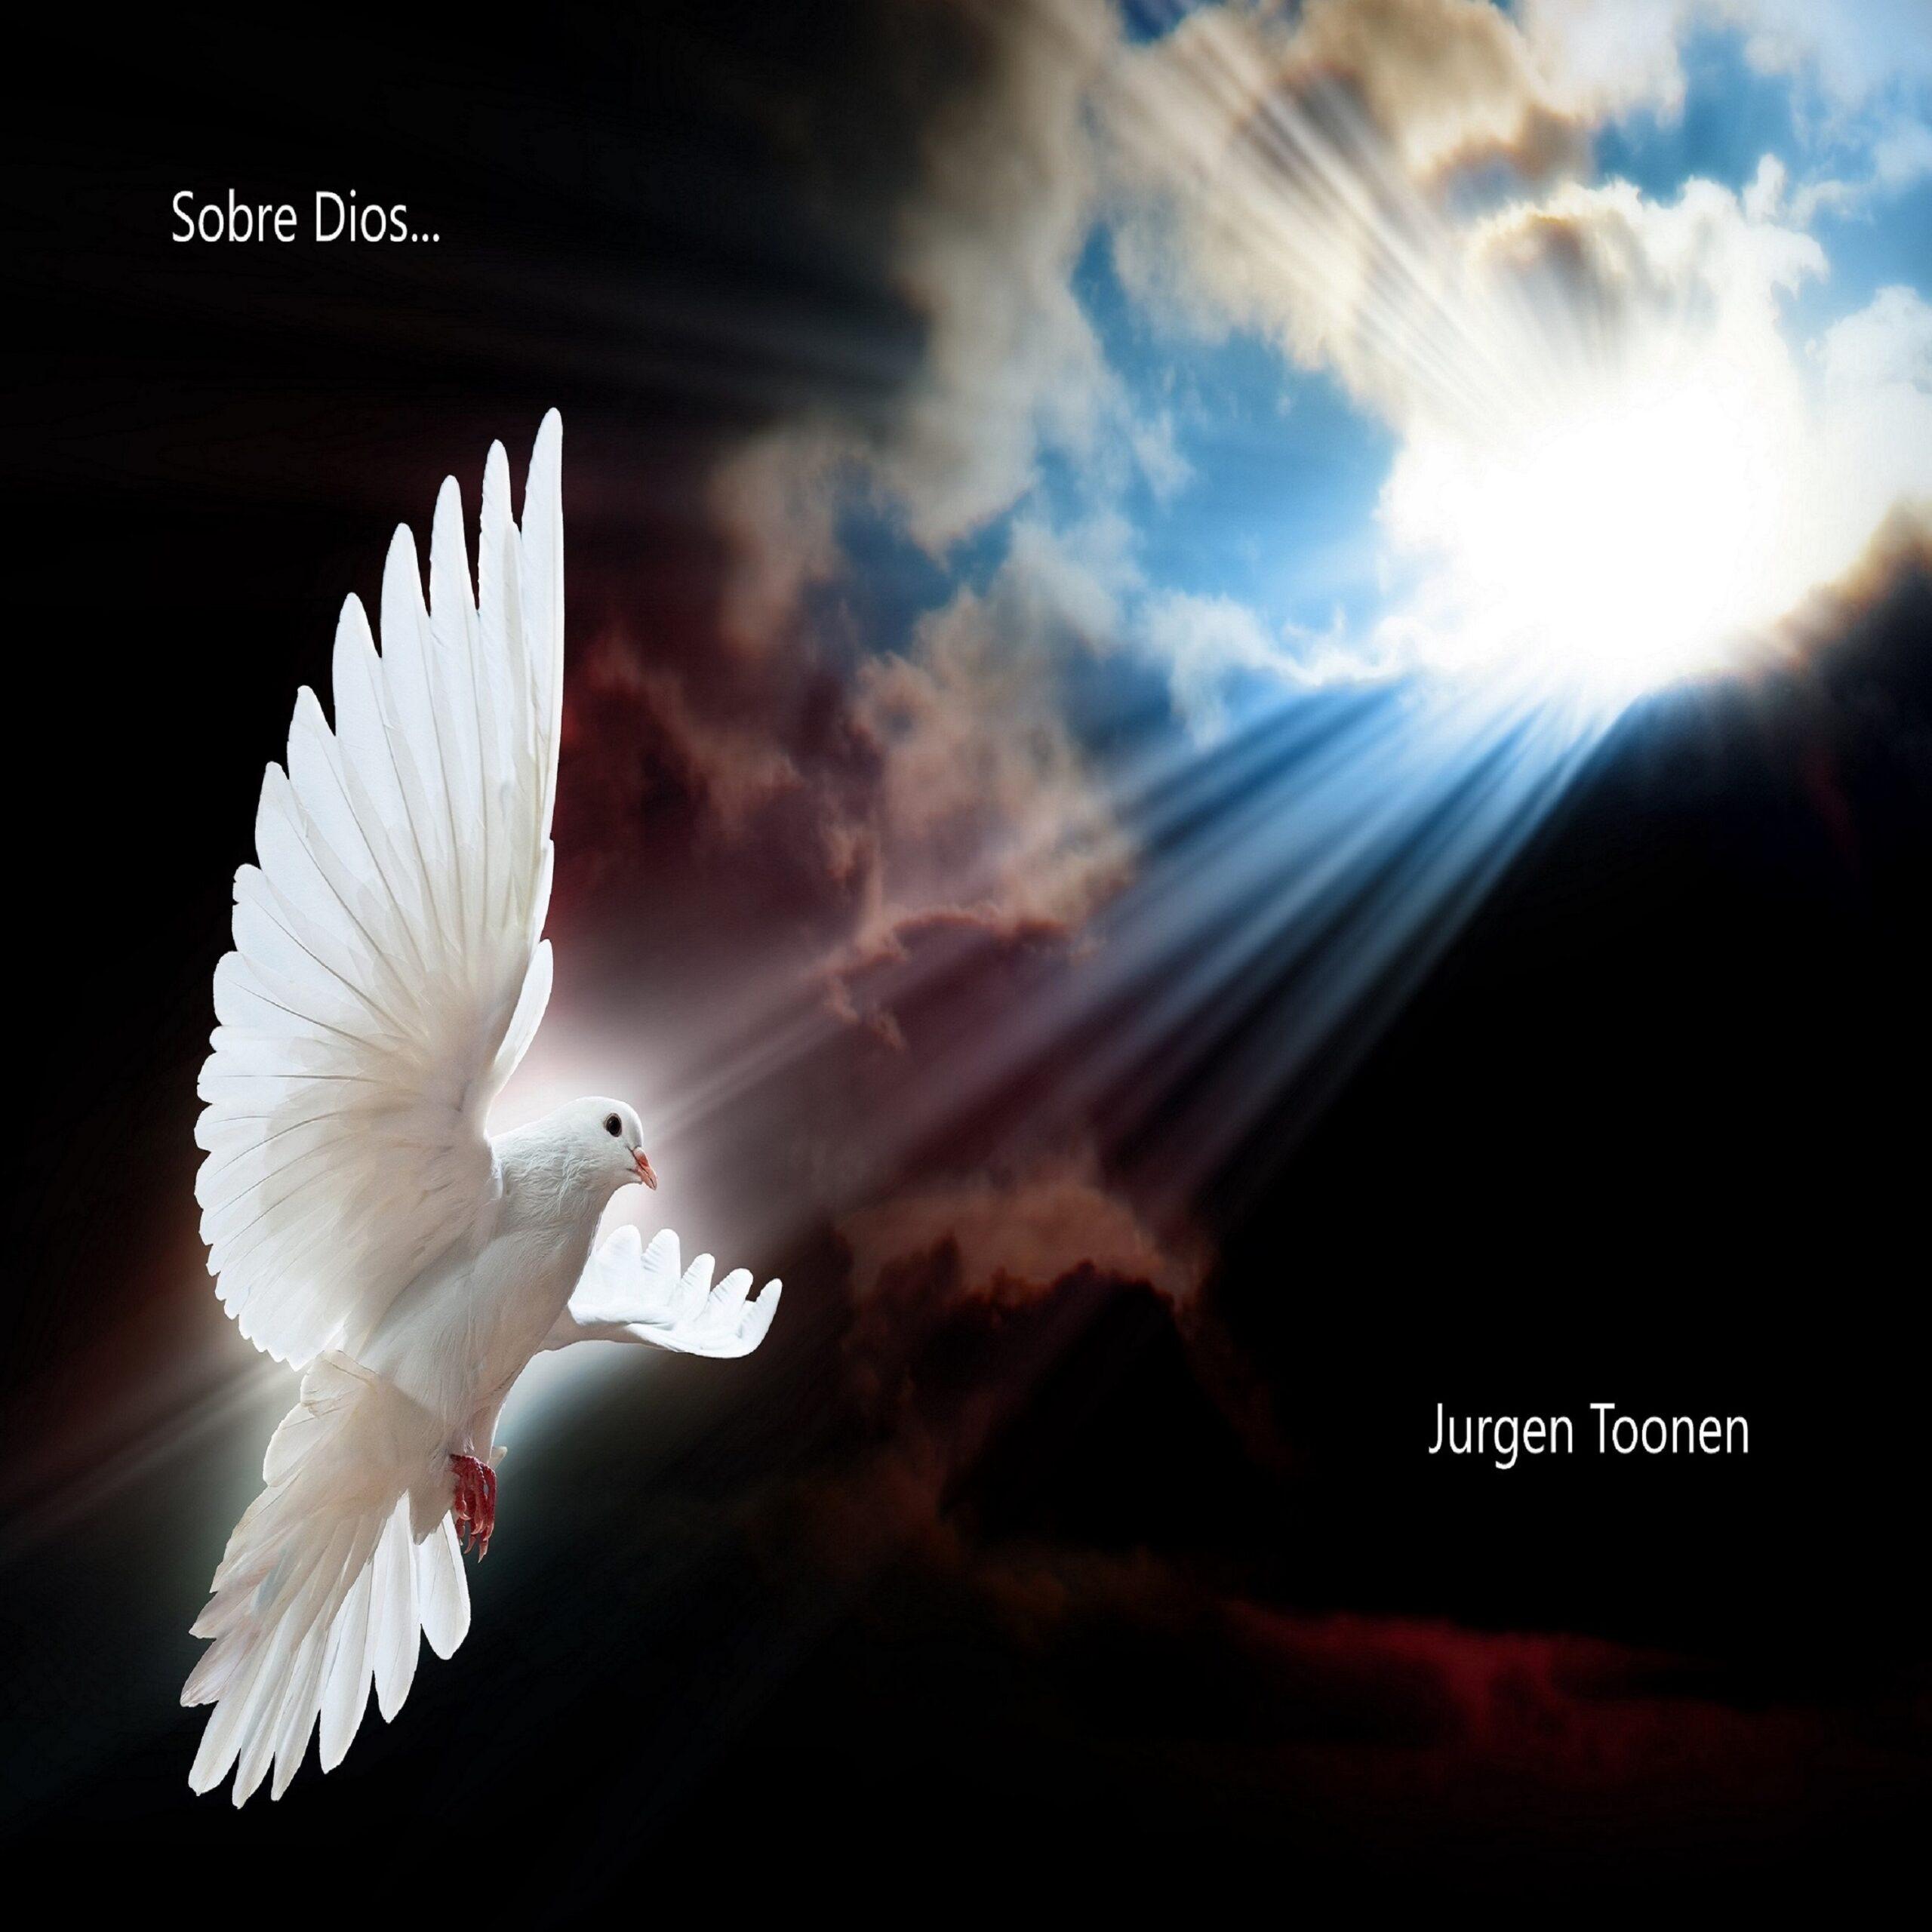 Sobre Dios Image